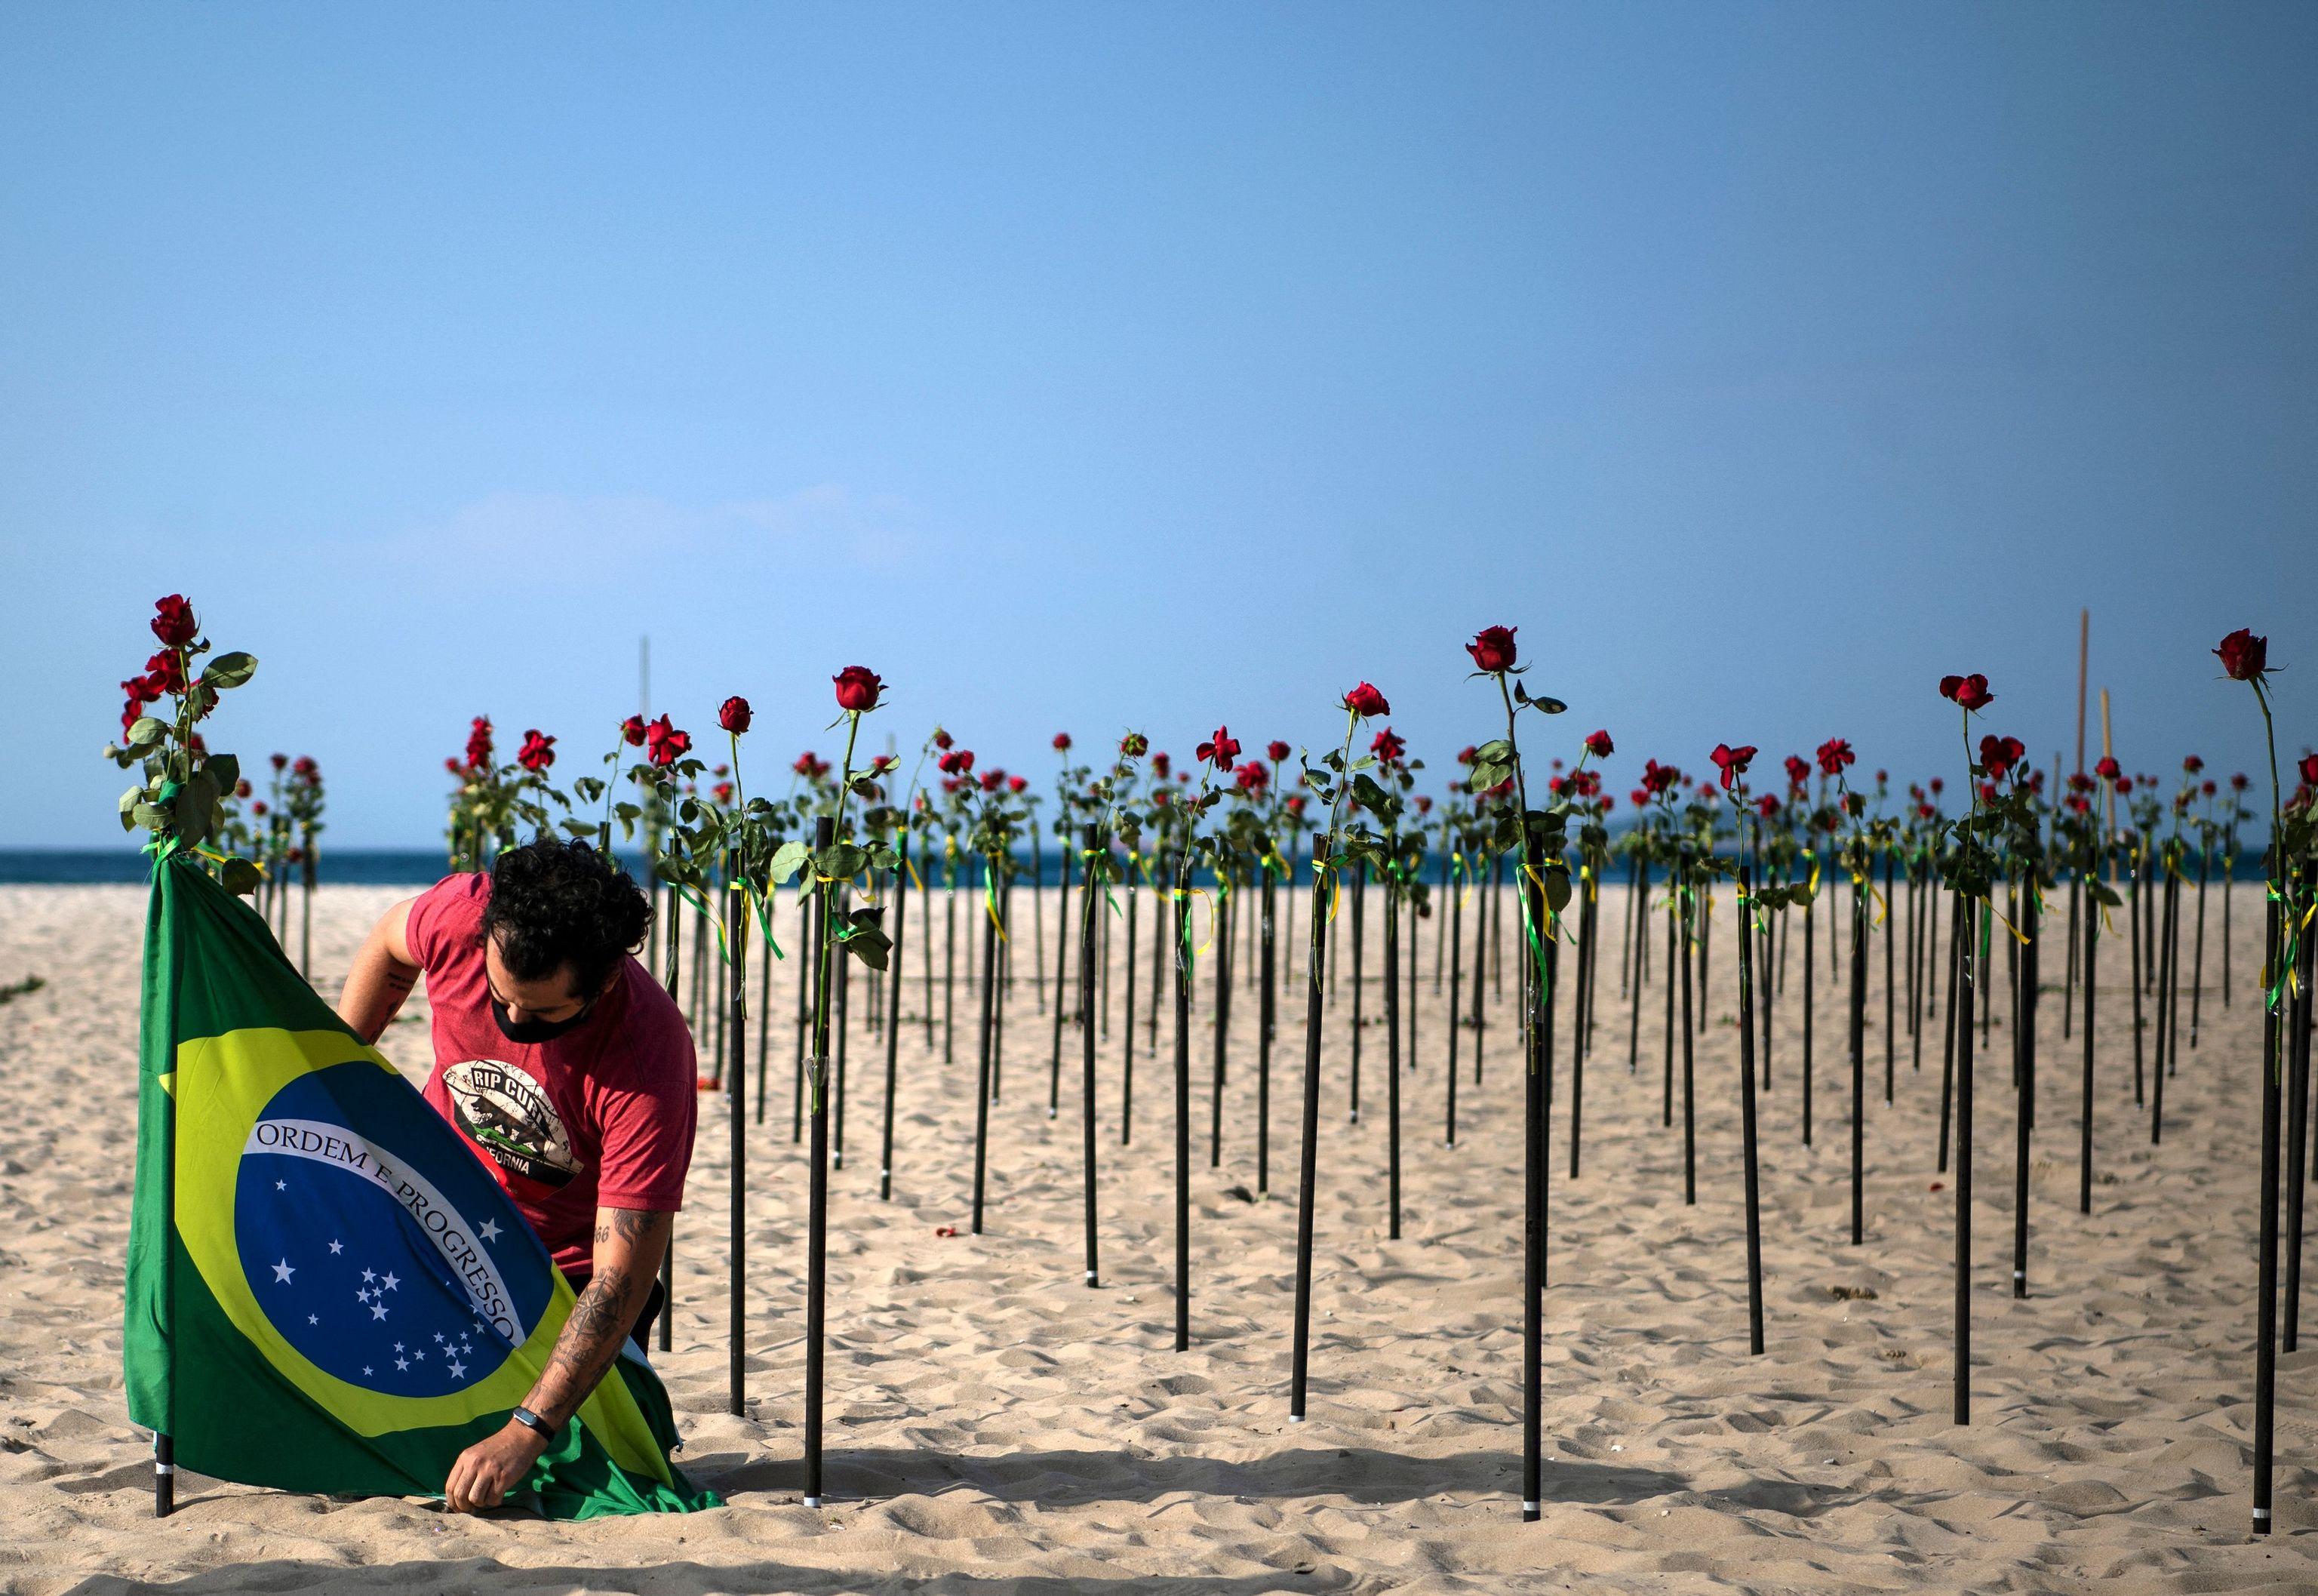 Protesta de la ONG Río por la paz con miles de rosas representando a los muertos por la pandemia.